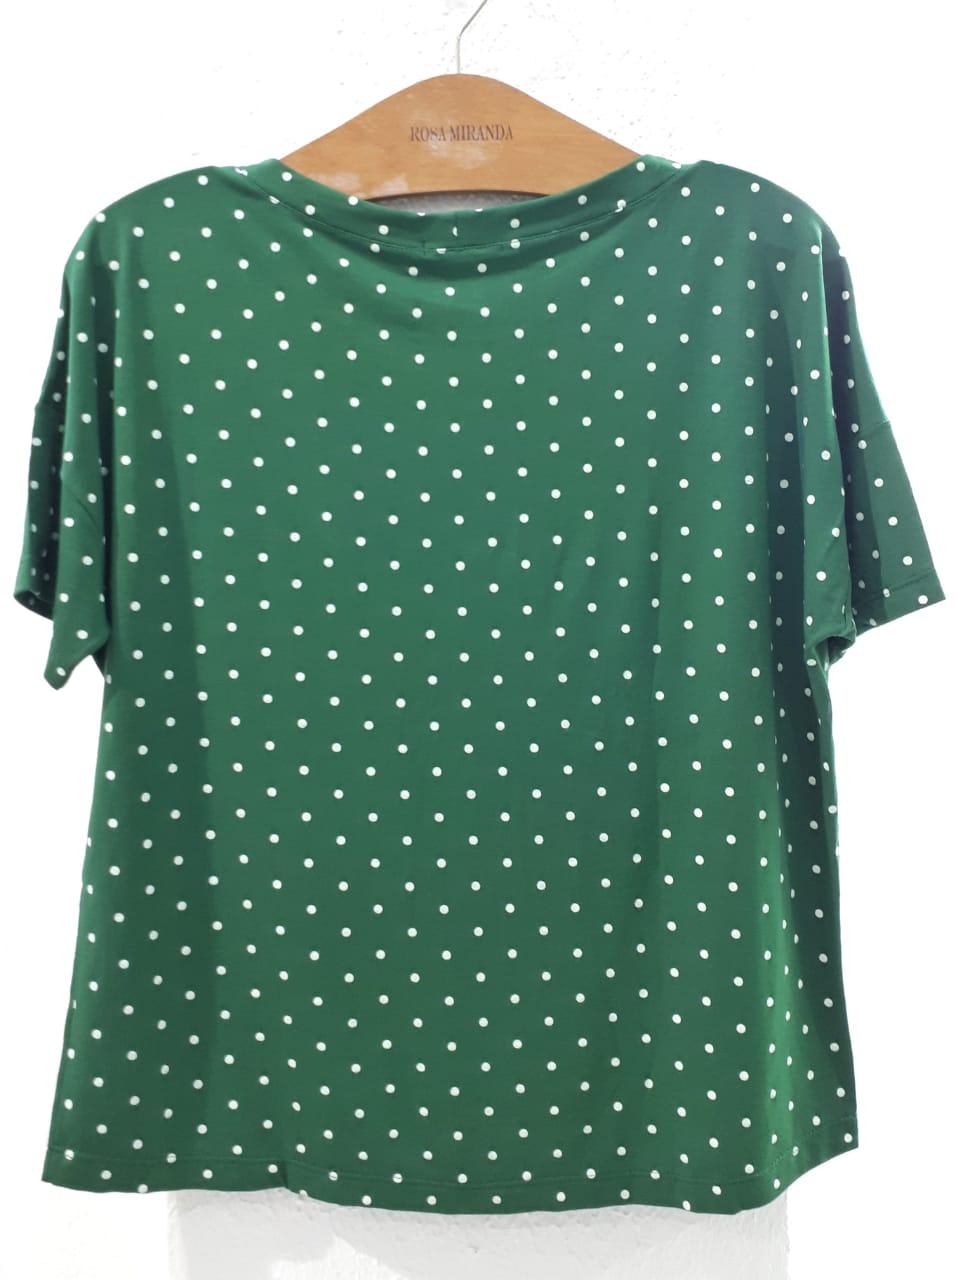 T-shirt verde poás com bolsinho